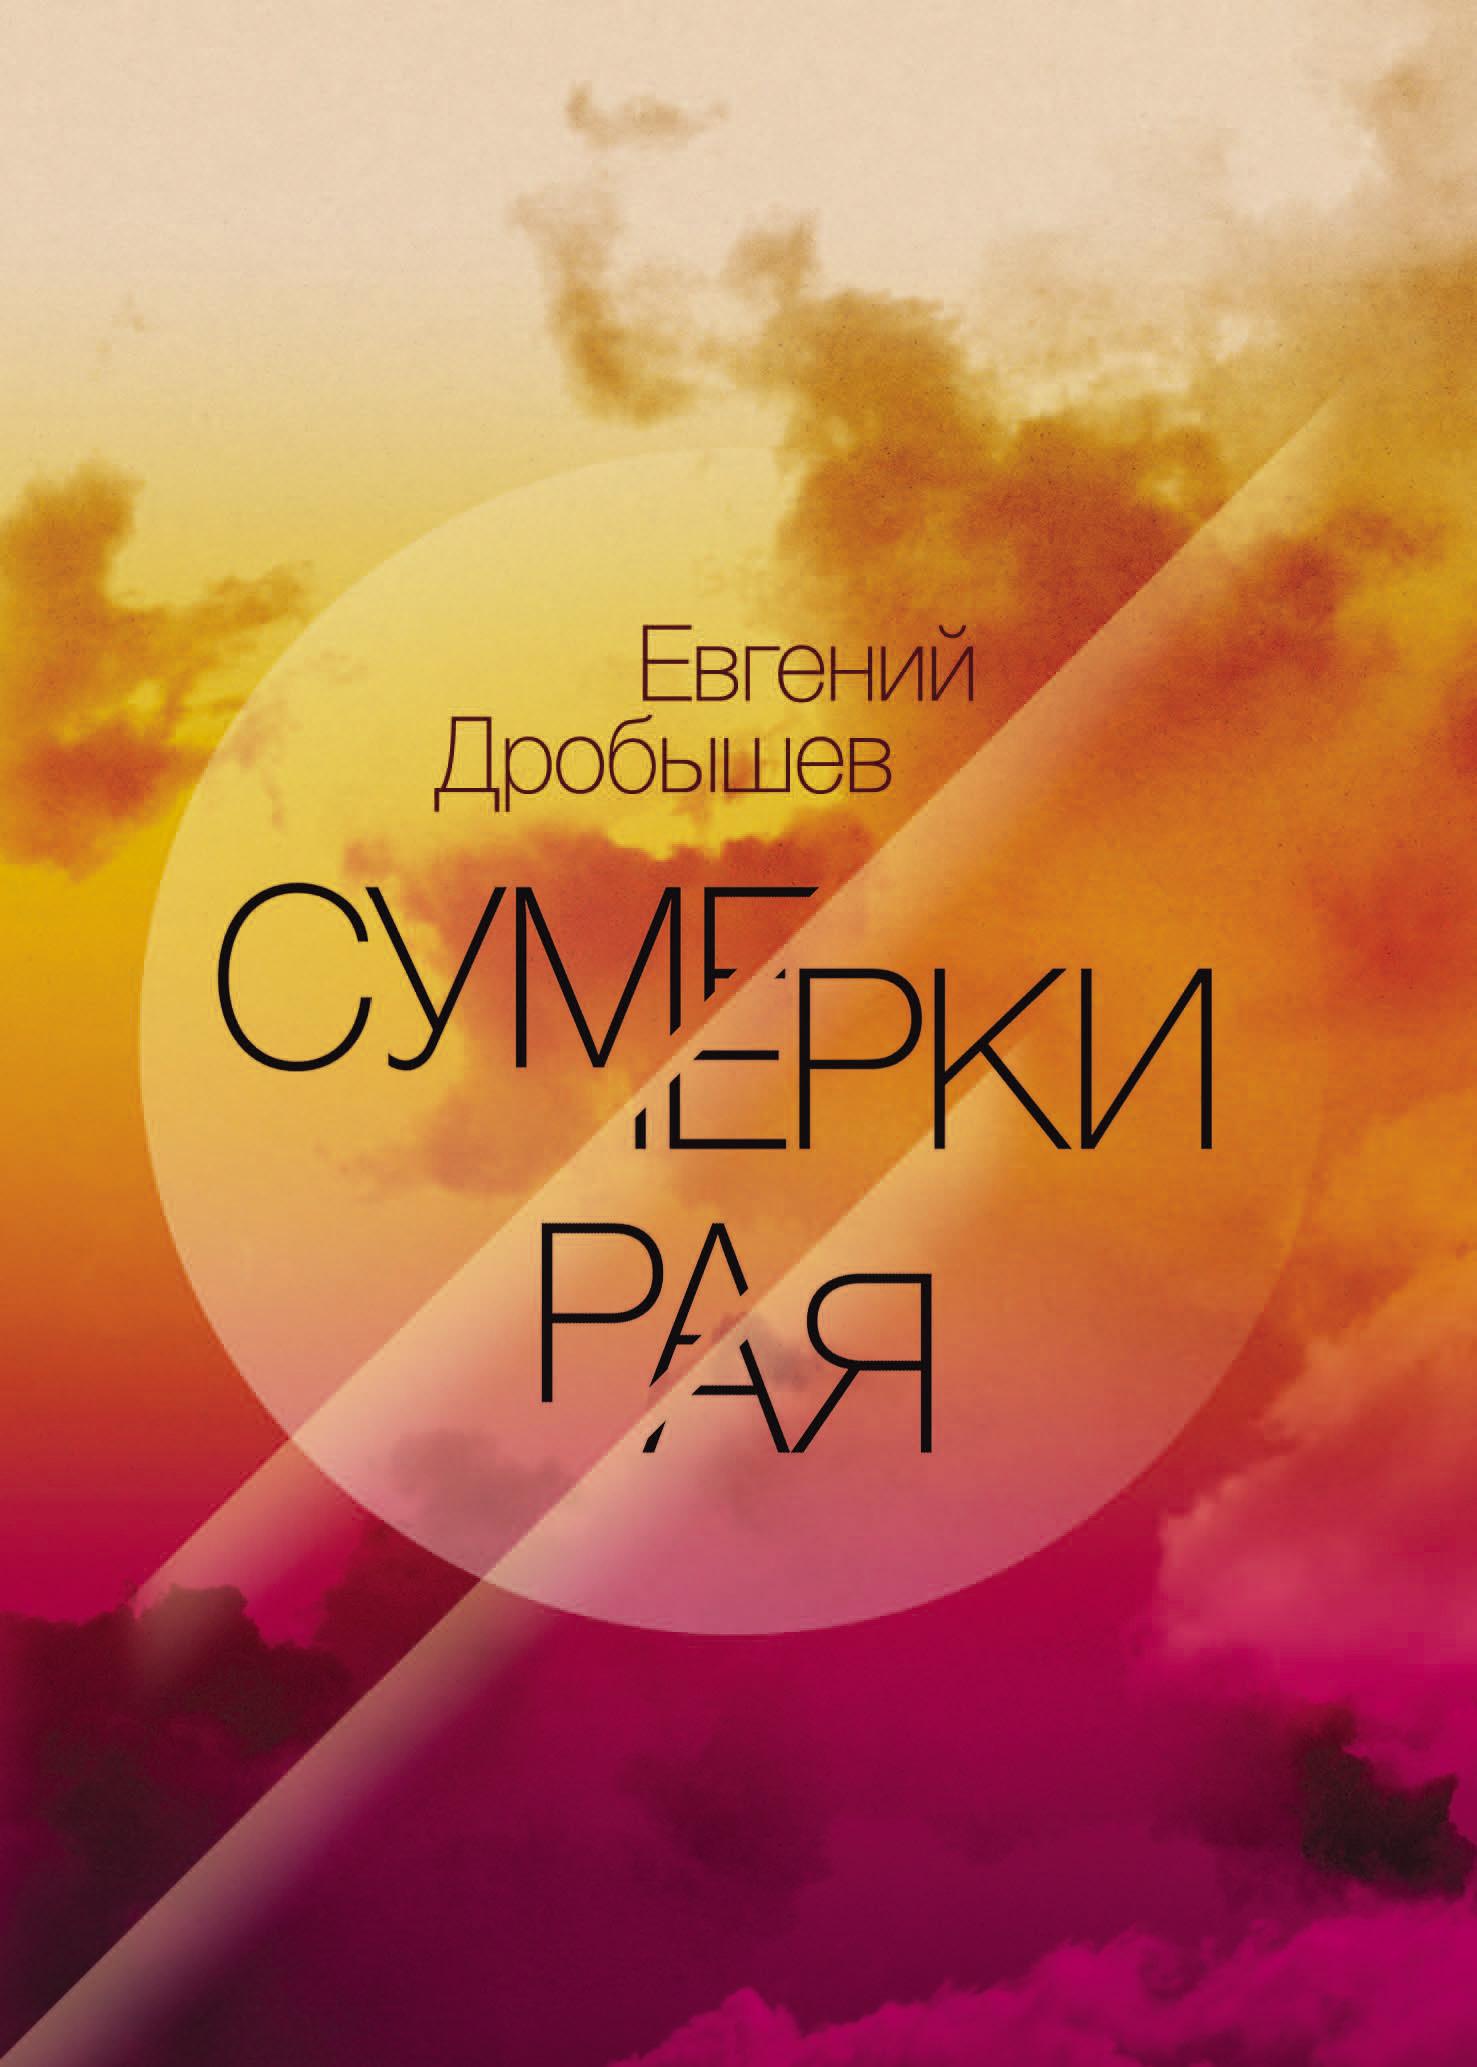 Евгений Дробышев Сумерки рая (сборник) разумовский ф кто мы еврейский вопрос русский ответ